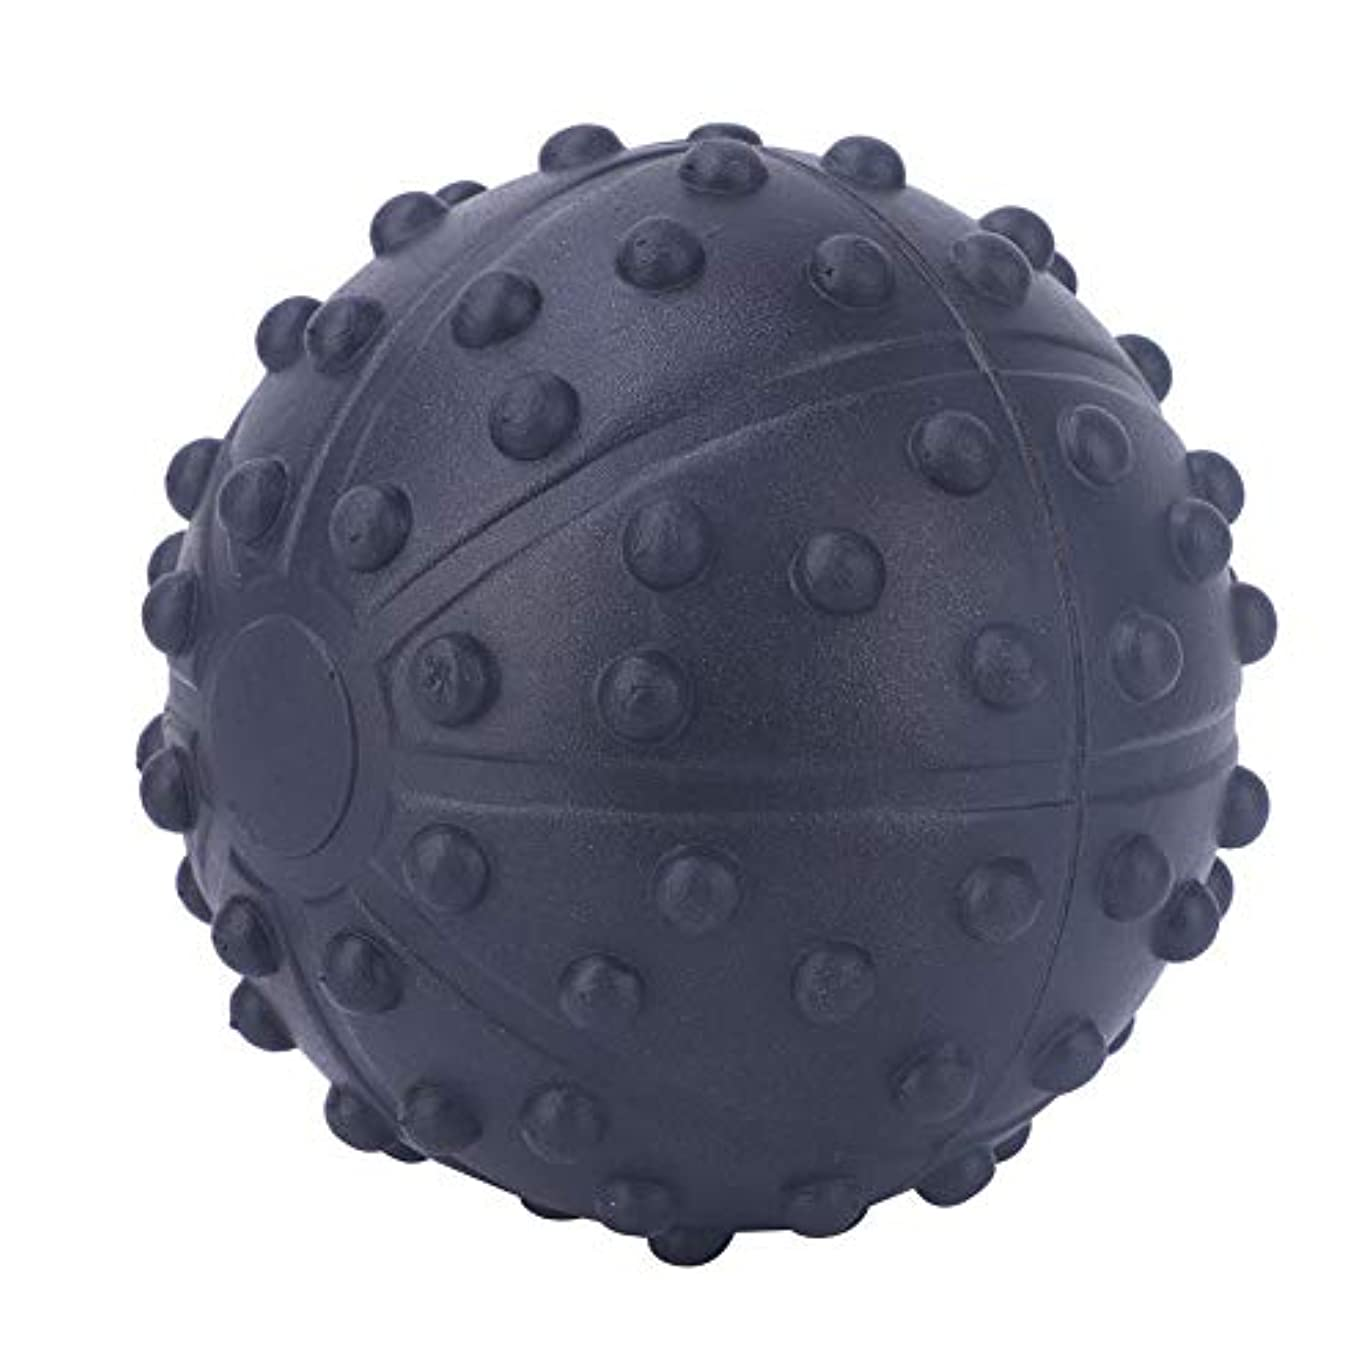 北方動員するカート深いティッシュヨガの筋膜の球、ヨガの疲労筋肉は筋肉救済、背部、首および足のマッサージャーのためのスポーツの球を取り除きます